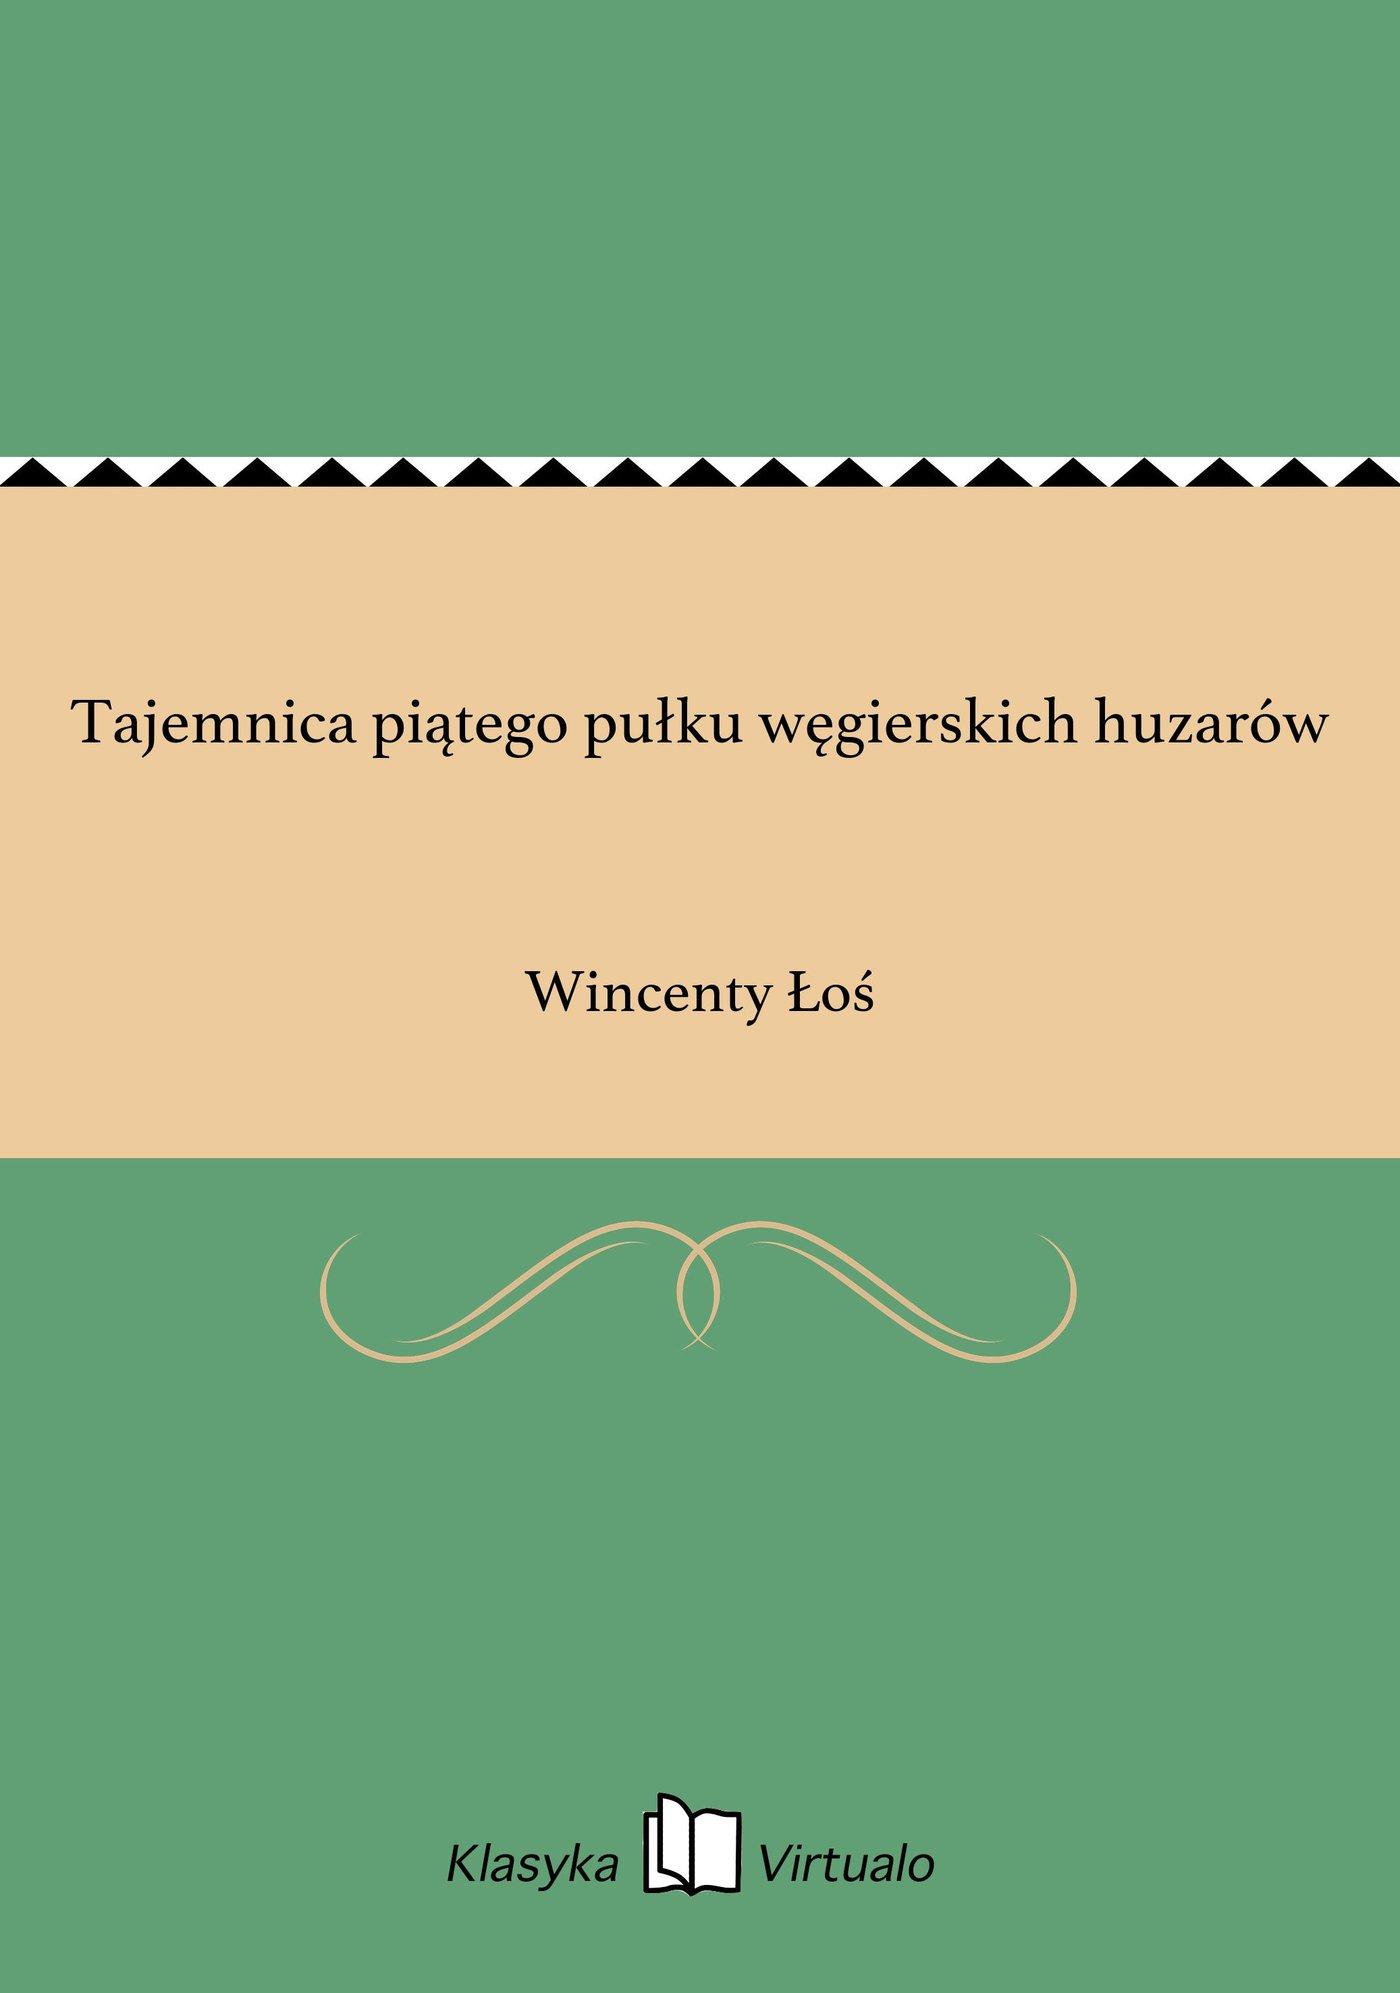 Tajemnica piątego pułku węgierskich huzarów - Ebook (Książka EPUB) do pobrania w formacie EPUB